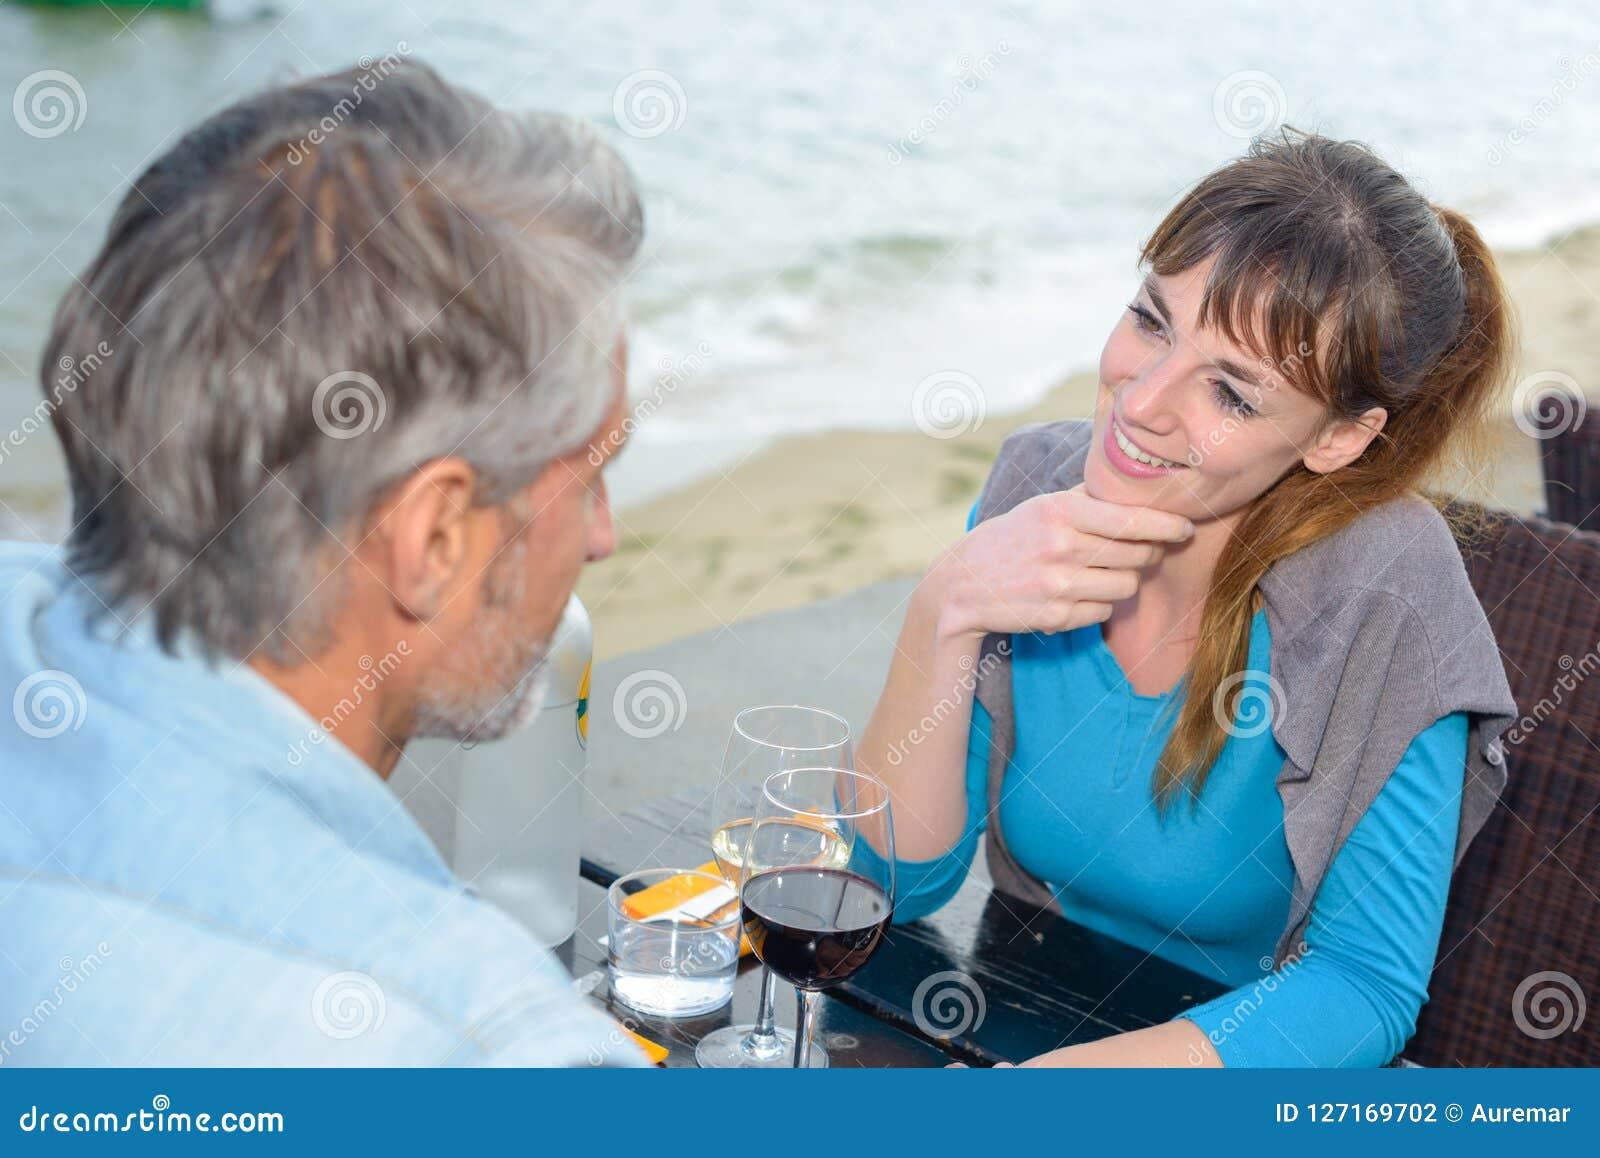 Paar die affectionately over koffielijst staren